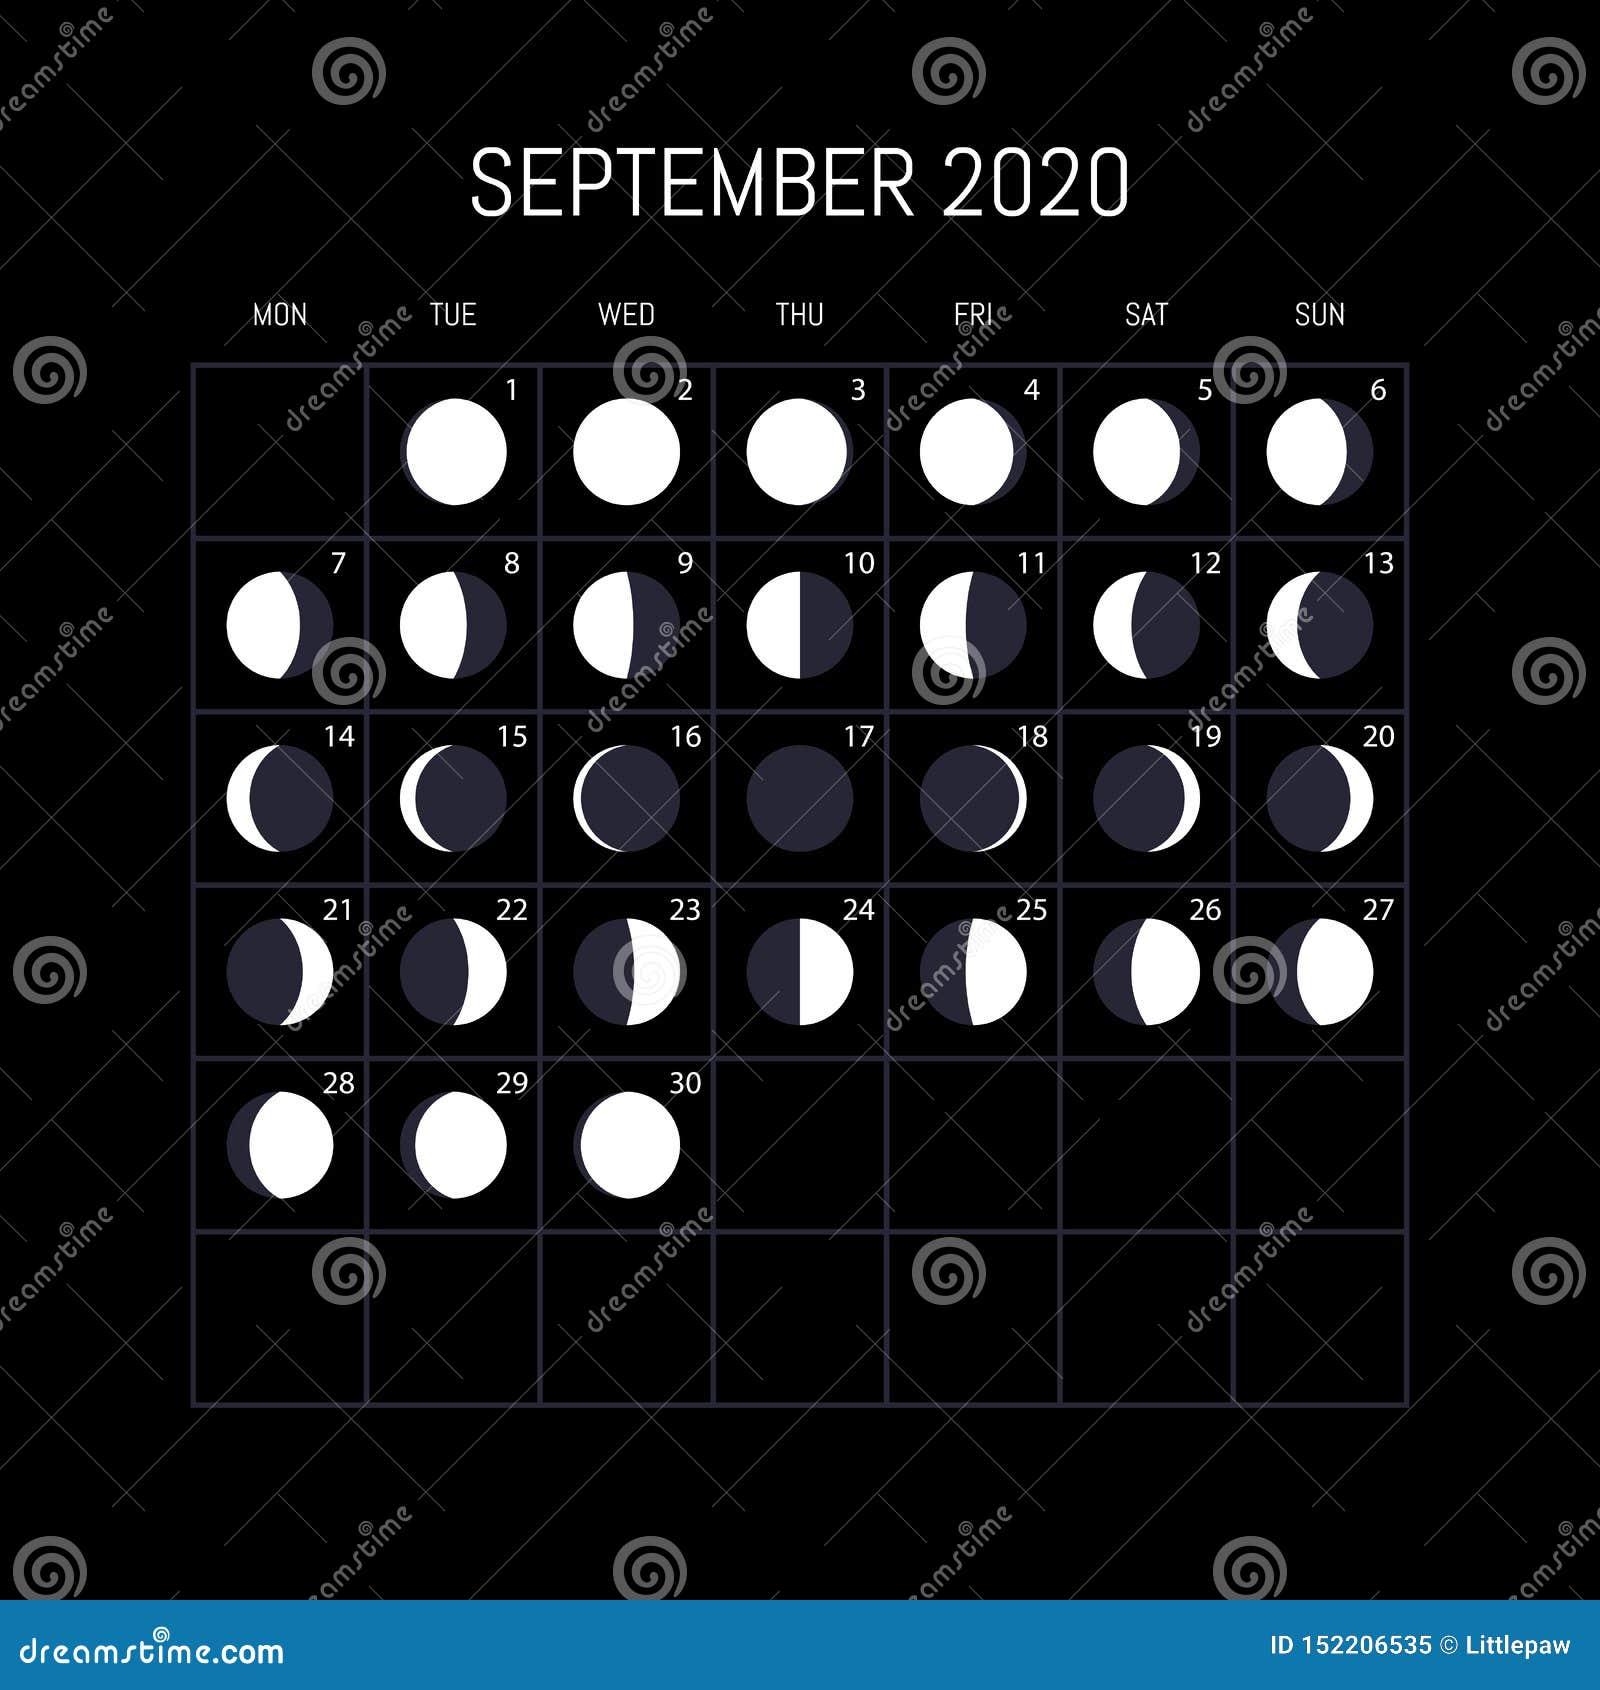 Moon Phase Calendar September 2020 Moon Phases Calendar For 2020 Year. September. Night Background